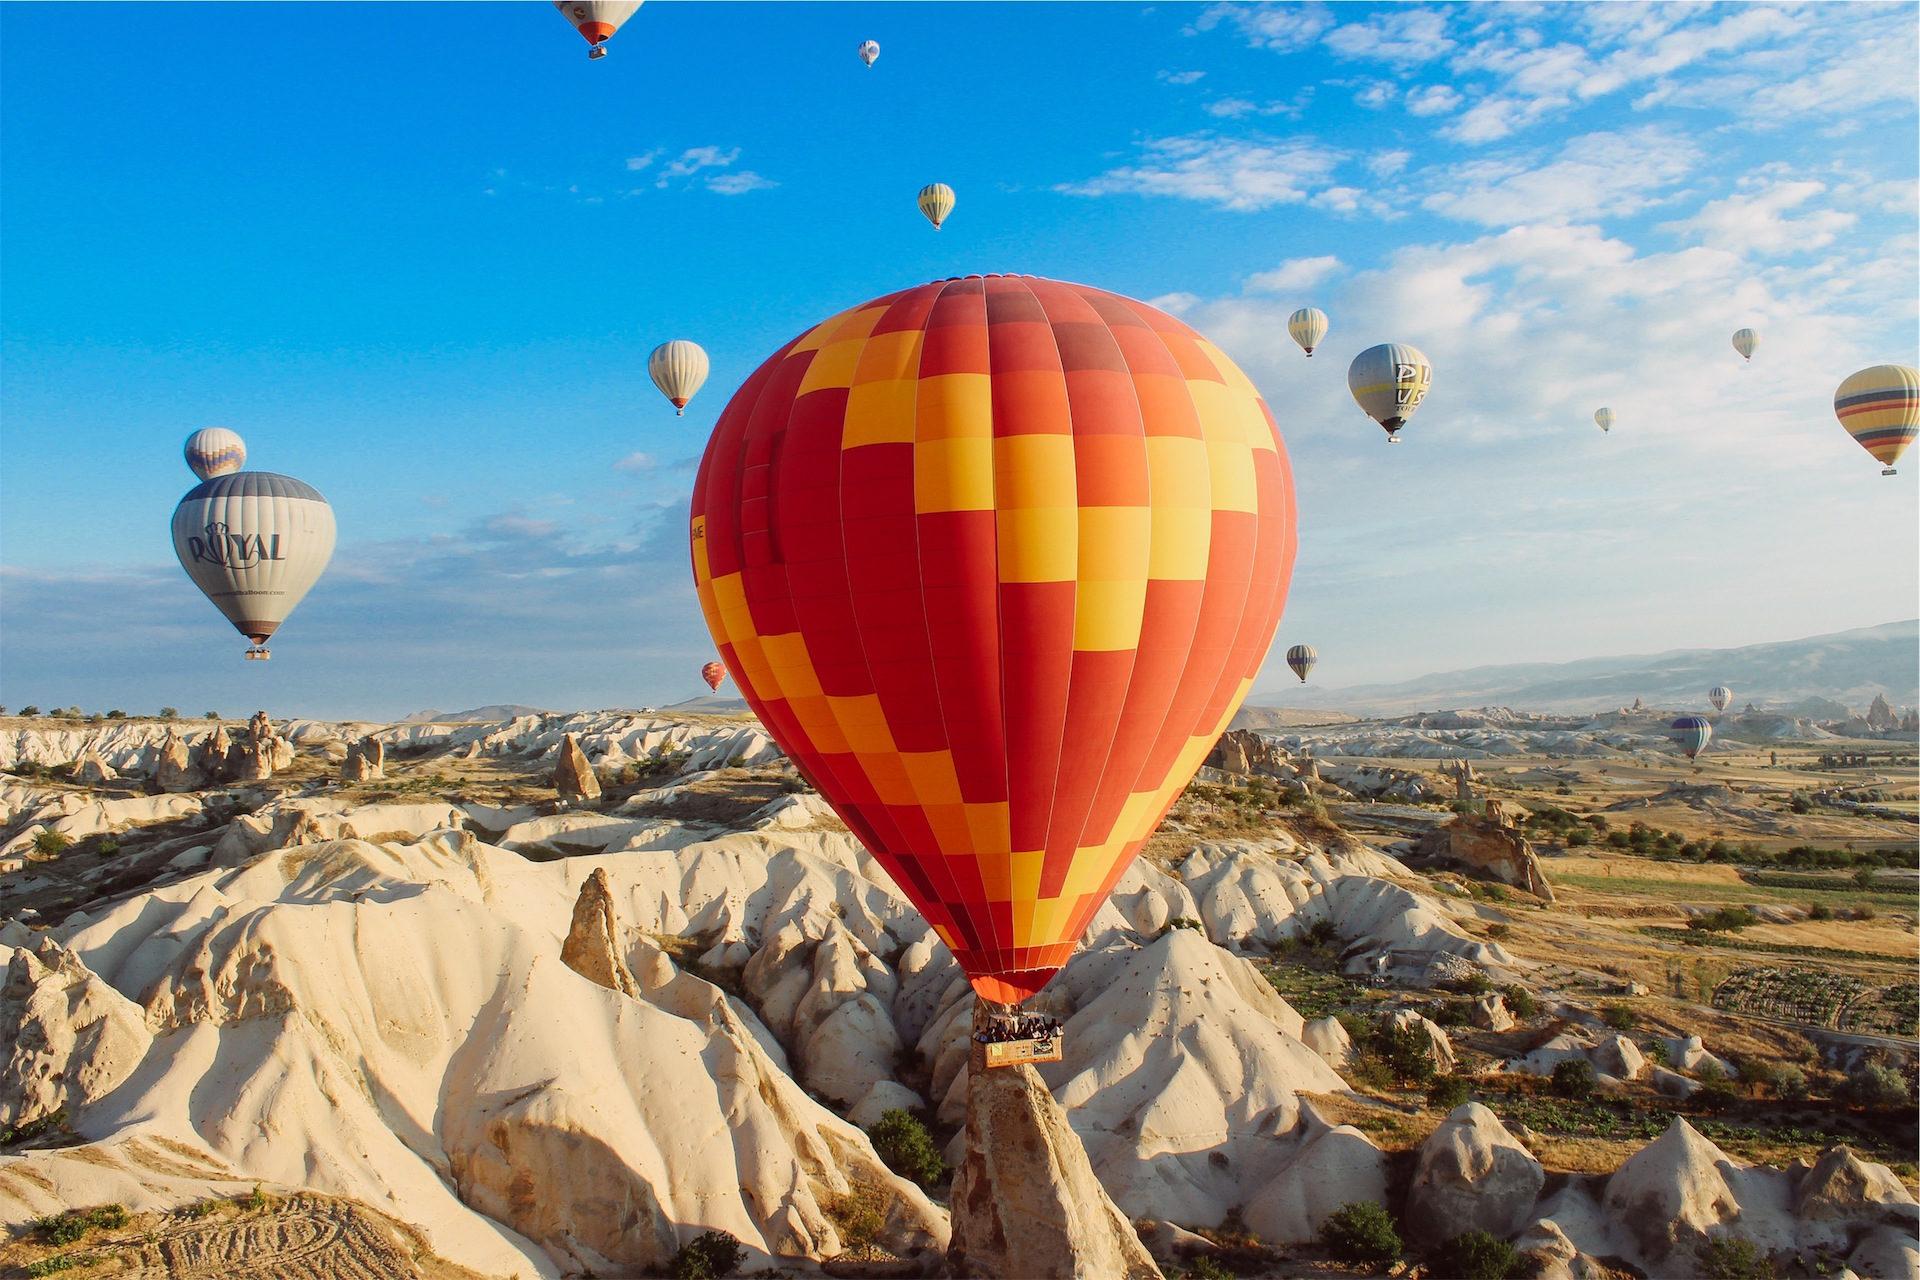 Luftballons, Luft, Wüste, Ansichten, Luftbild - Wallpaper HD - Prof.-falken.com